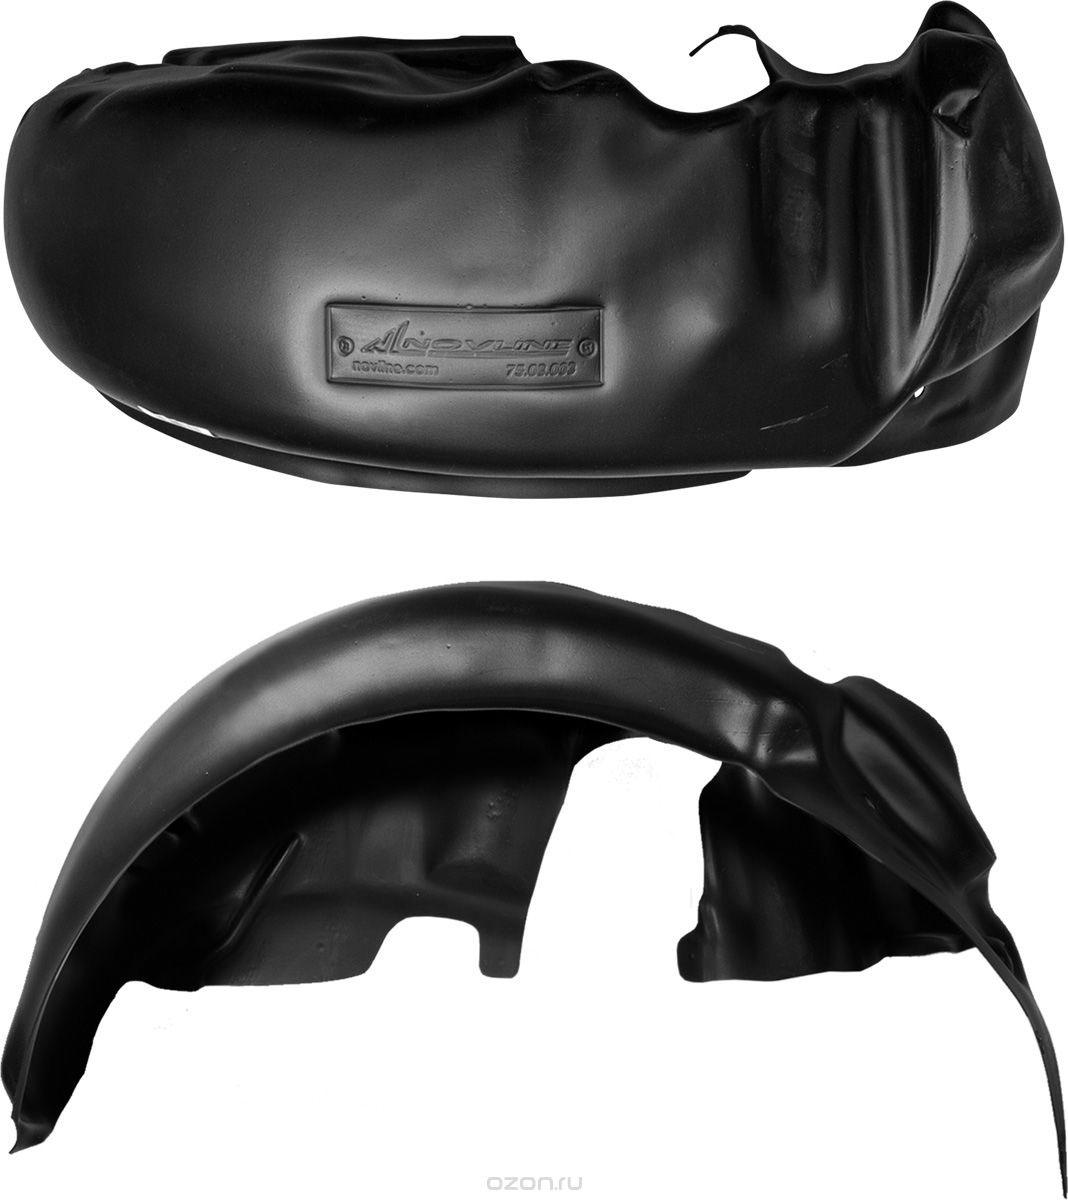 Подкрылок Novline-Autofamily, для TOYOTA Yaris 01/2006-2013, задний левыйNLL.48.10.003Идеальная защита колесной ниши. Локеры разработаны с применением цифровых технологий, гарантируют максимальную повторяемость поверхности арки. Изделия устанавливаются без нарушения лакокрасочного покрытия автомобиля, каждый подкрылок комплектуется крепежом. Уважаемые клиенты, обращаем ваше внимание, что фотографии на подкрылки универсальные и не отражают реальную форму изделия. При этом само изделие идет точно под размер указанного автомобиля.